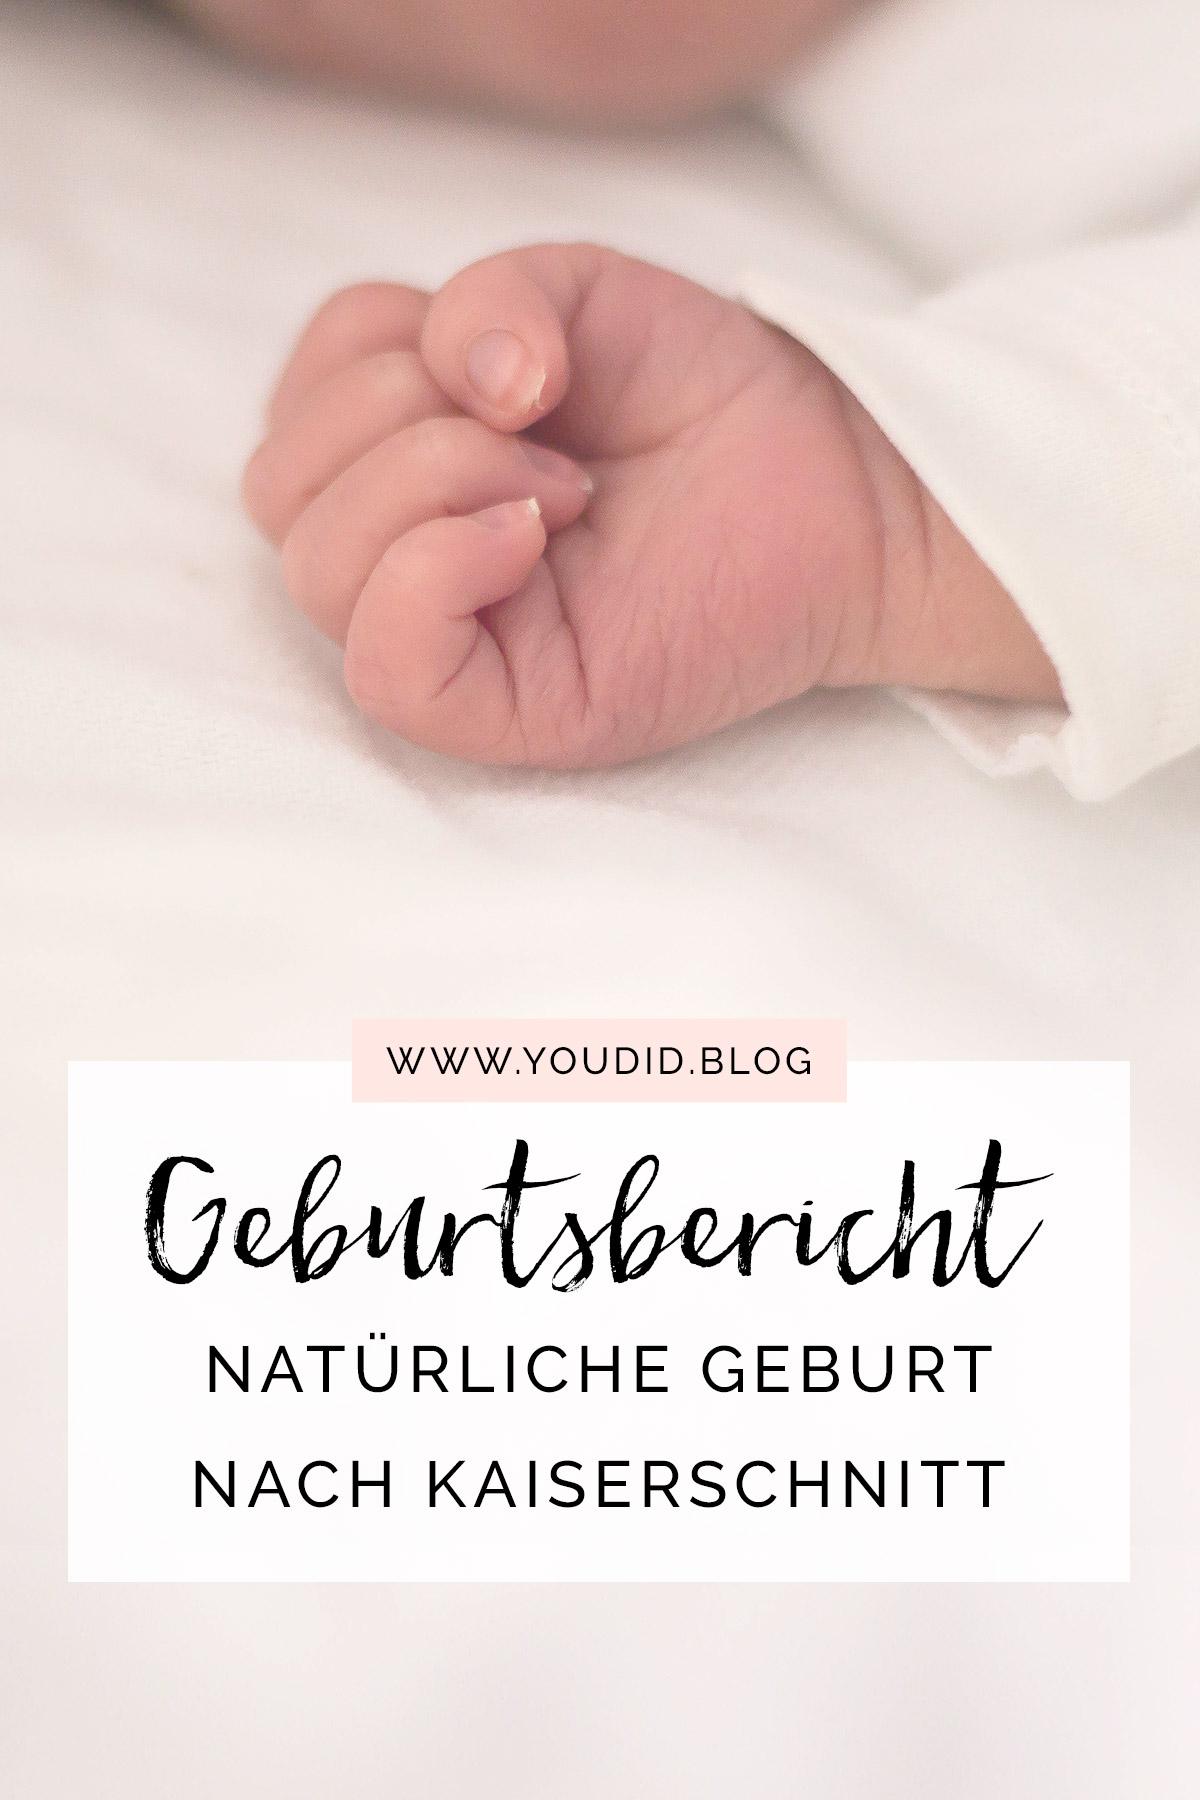 Geburtsbericht Spontangeburt nach Kaiserschnitt - Vaginale Geburt - Natürliche Geburt nach Einleitung - Meine Traumgeburt | https://youdid.blog